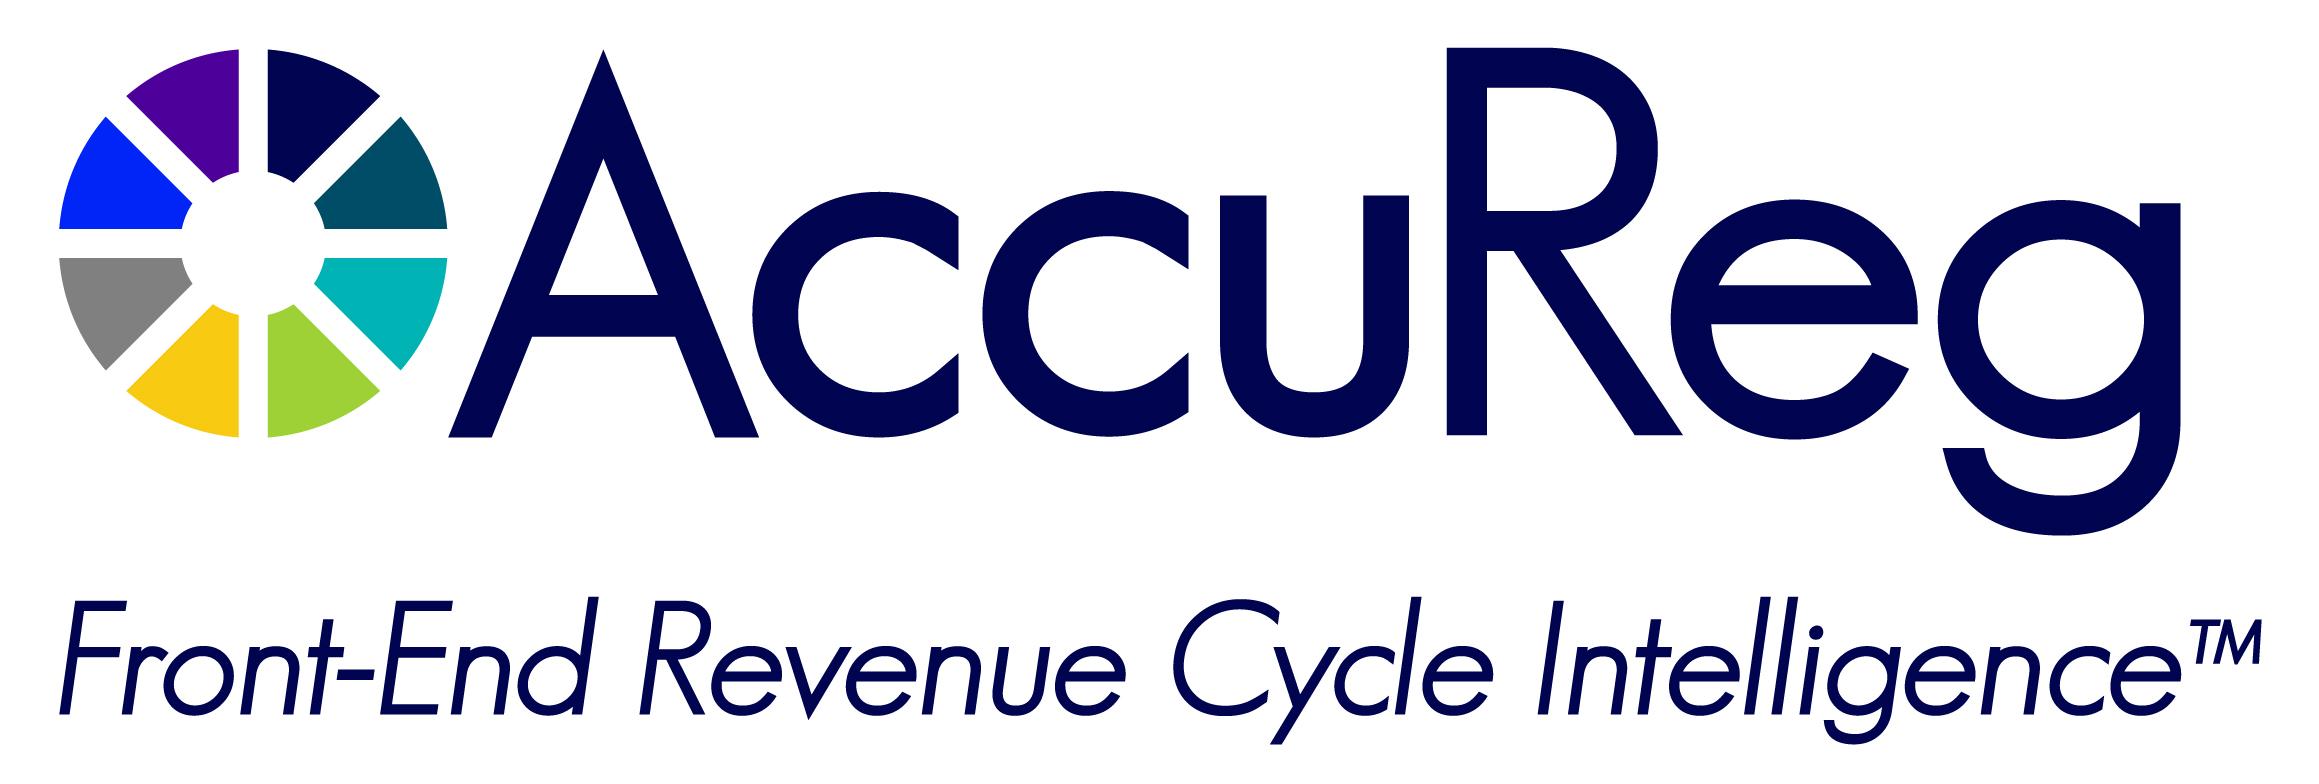 AccuReg Logo Tag RBG Md 2019.jpg